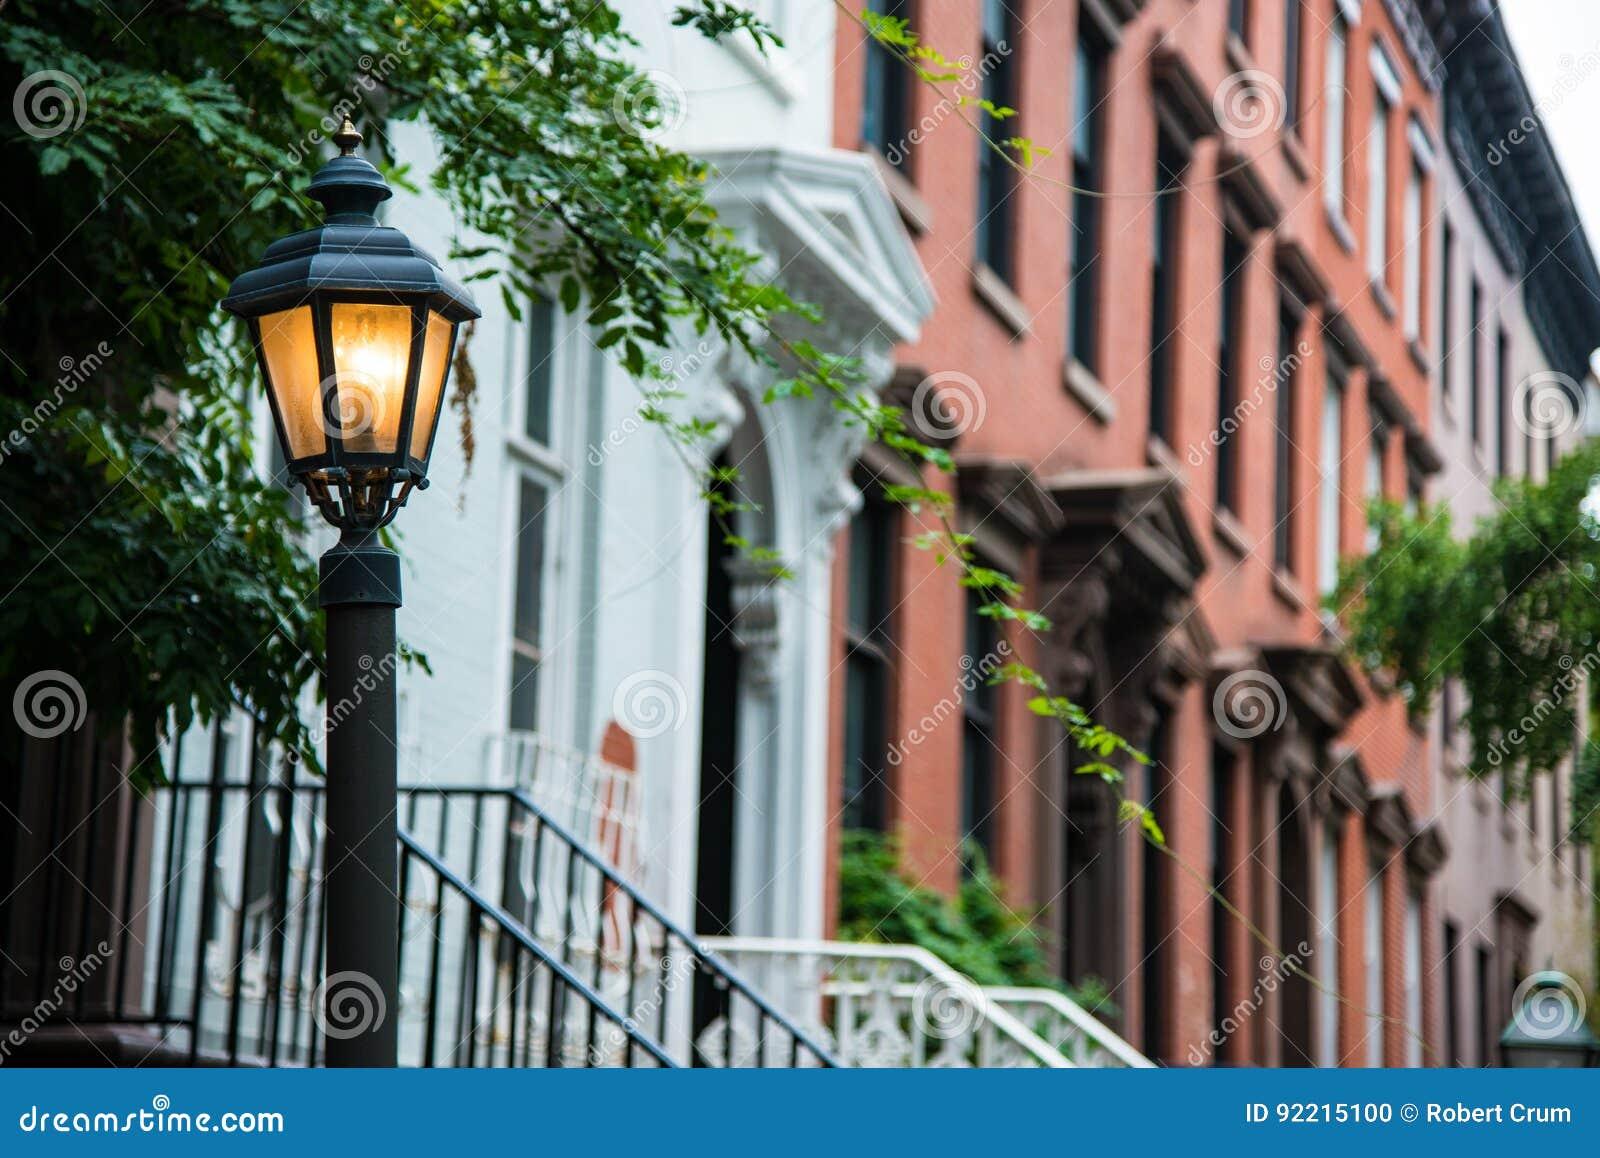 Vieux Lampadaire Pres Des Appartements De Brique Rouge New York